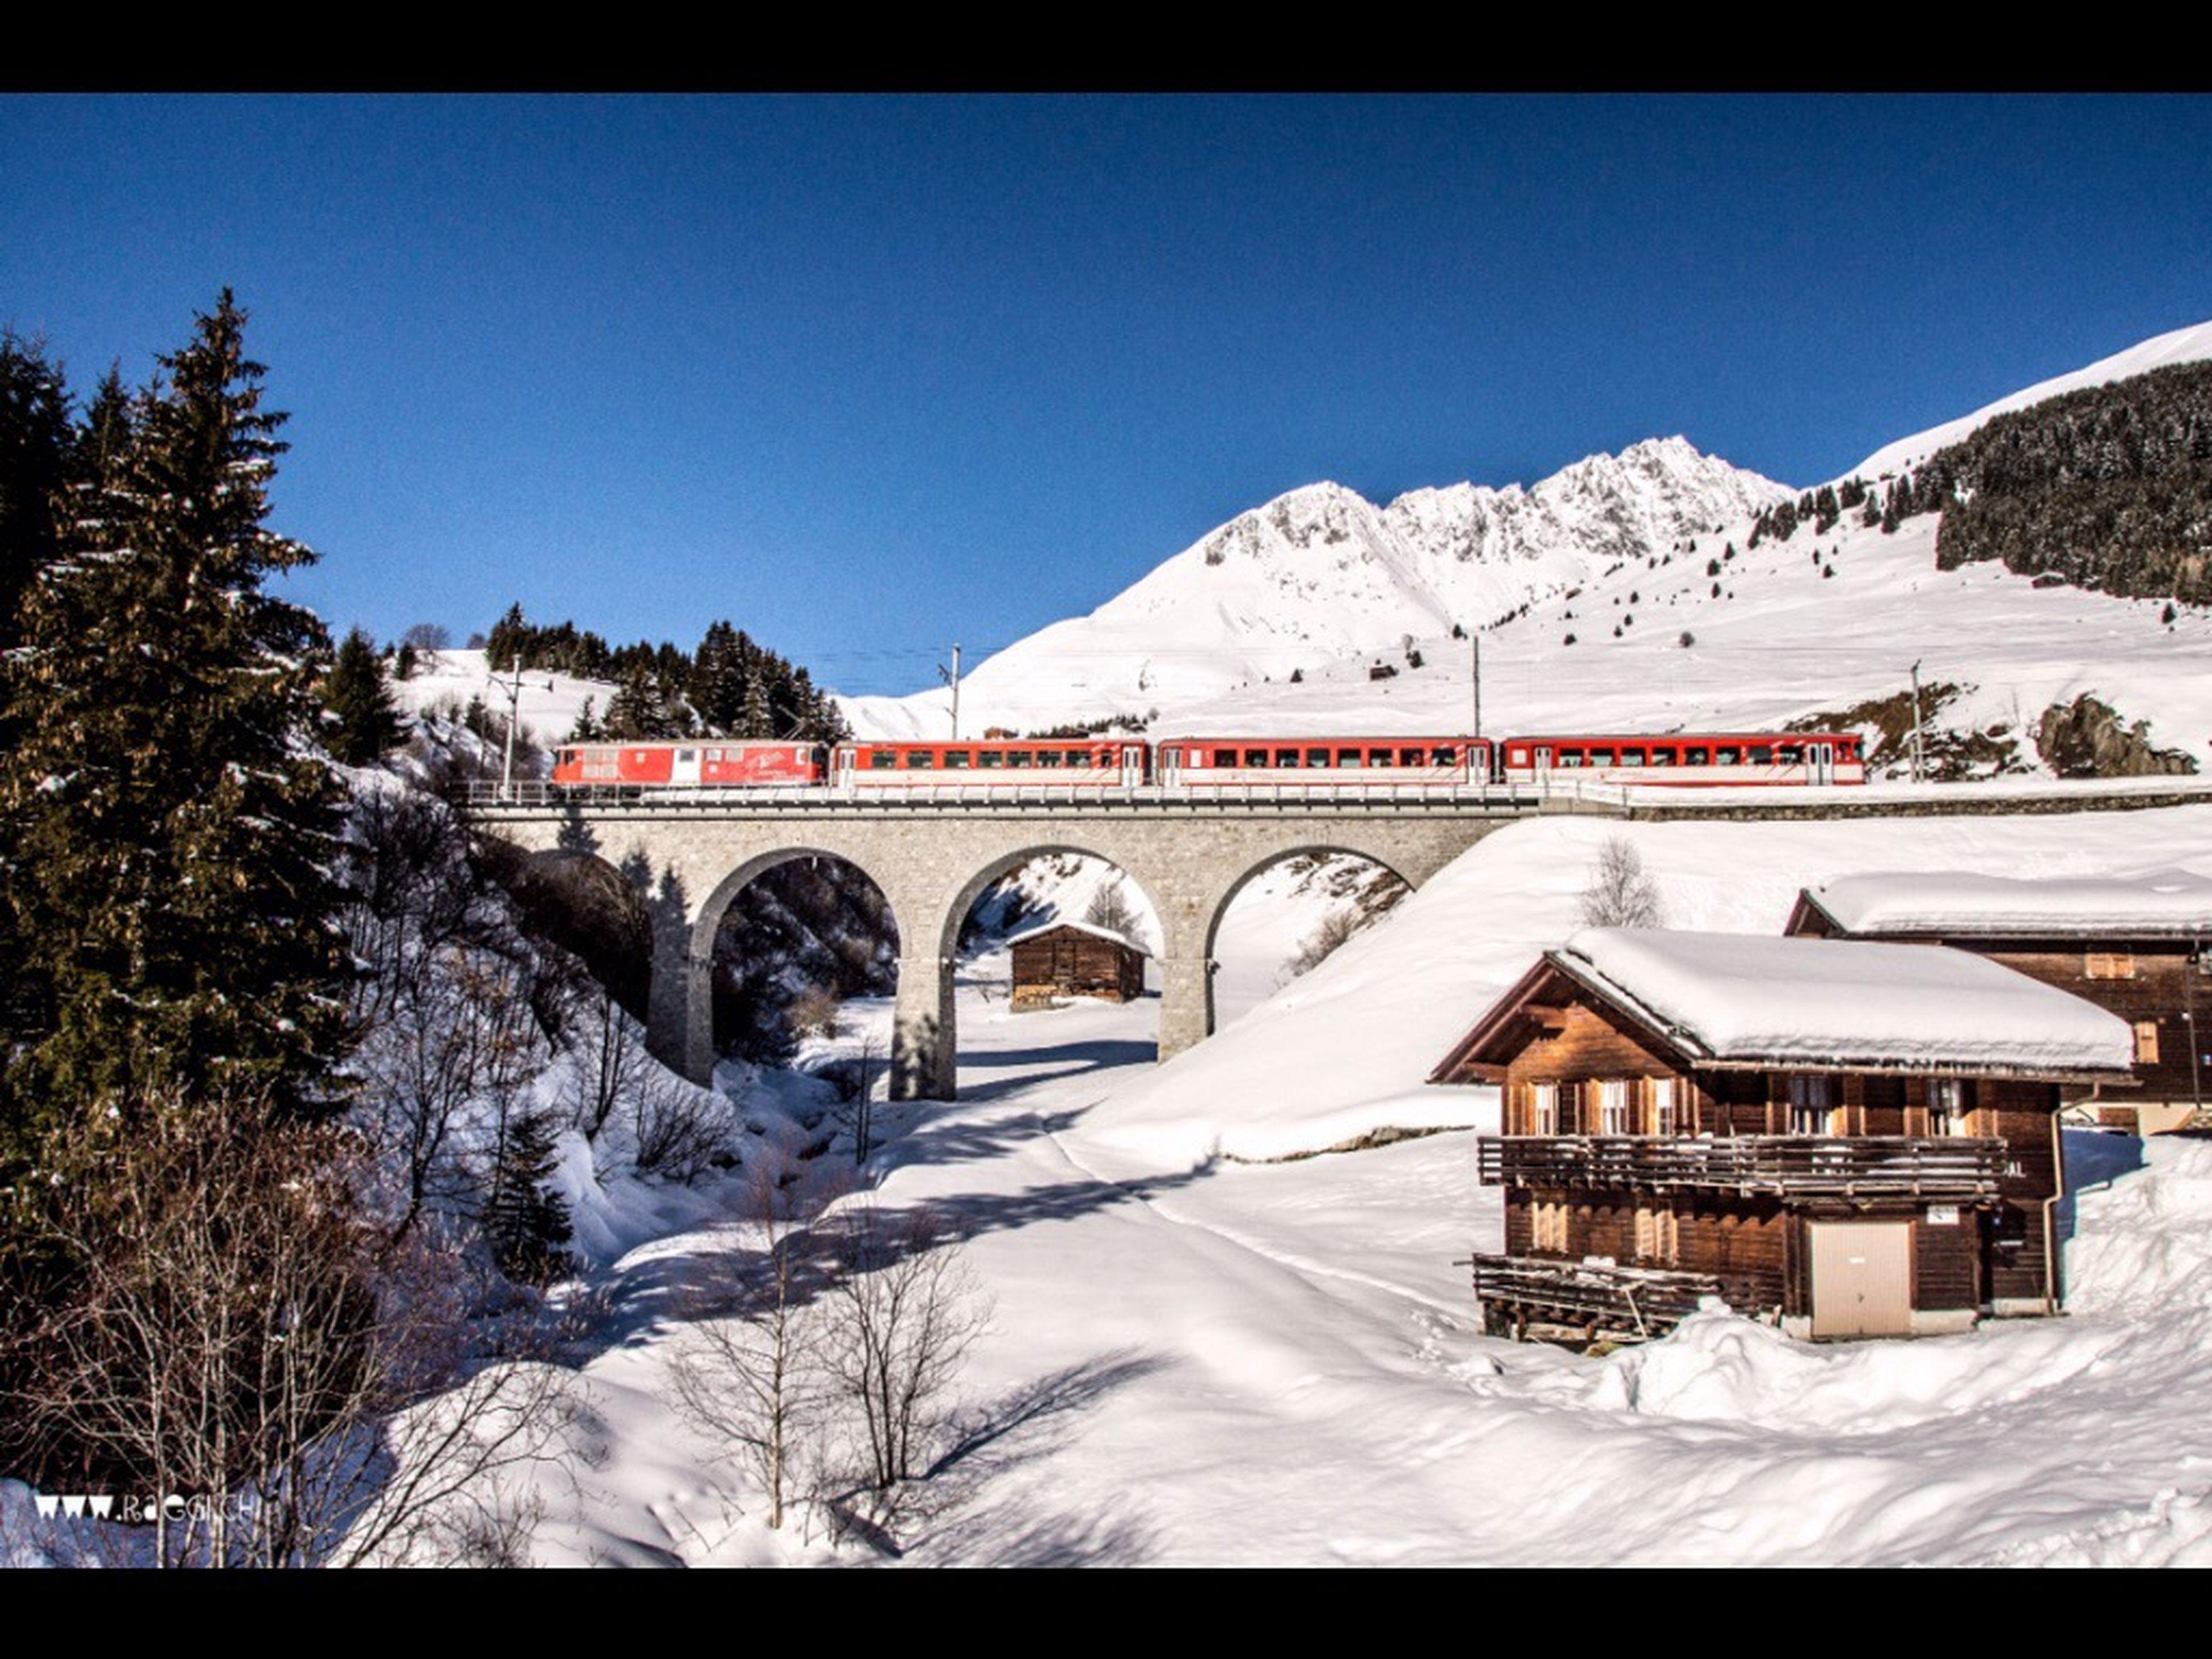 Rueras Graubünden Rhätische Bahn Surselva Winter Viaduct Railway Railroad Bridge Snow